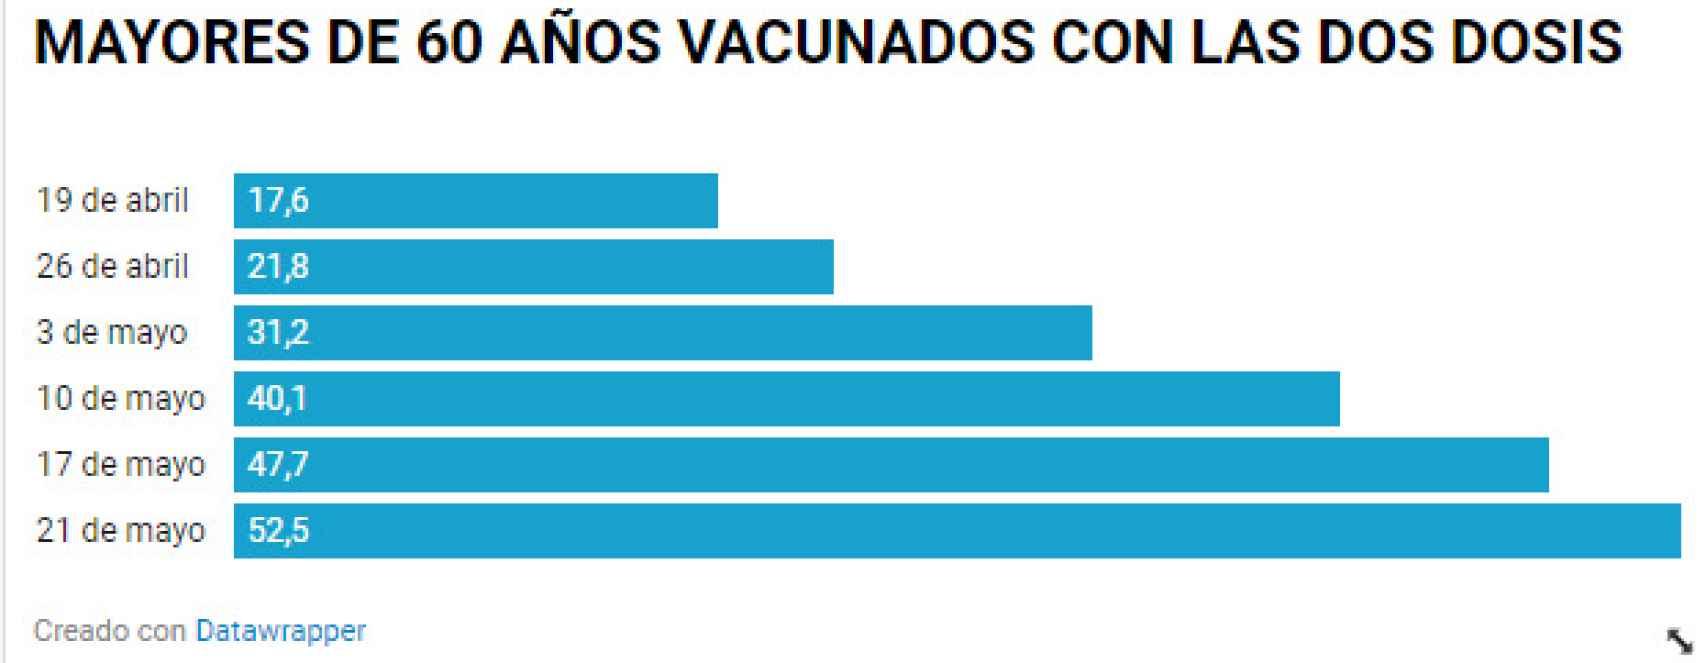 Porcentaje de mayores de 60 años vacunados con dos dosis.